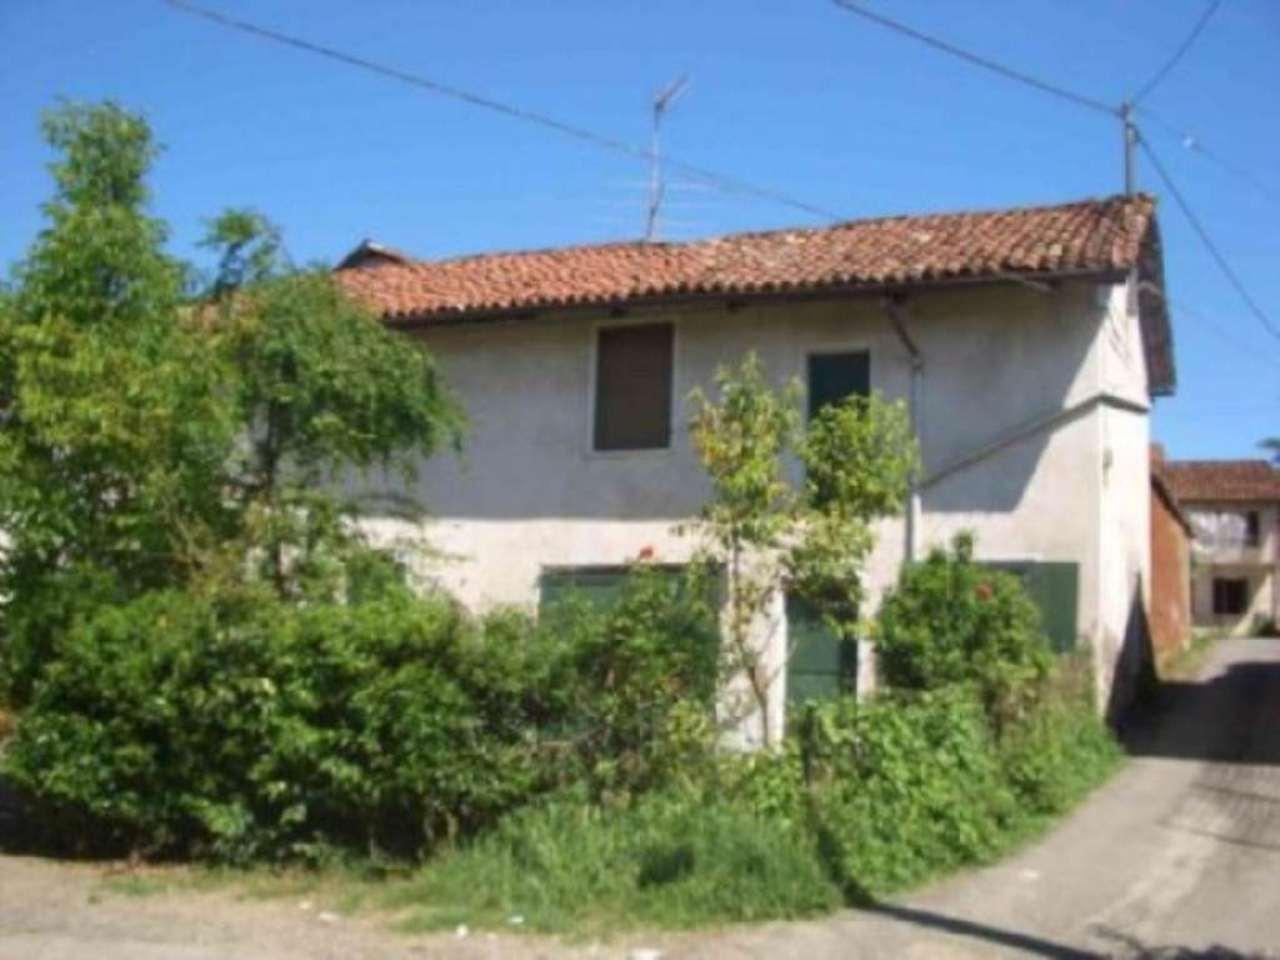 Soluzione Indipendente in vendita a Piea, 4 locali, prezzo € 35.000 | Cambio Casa.it